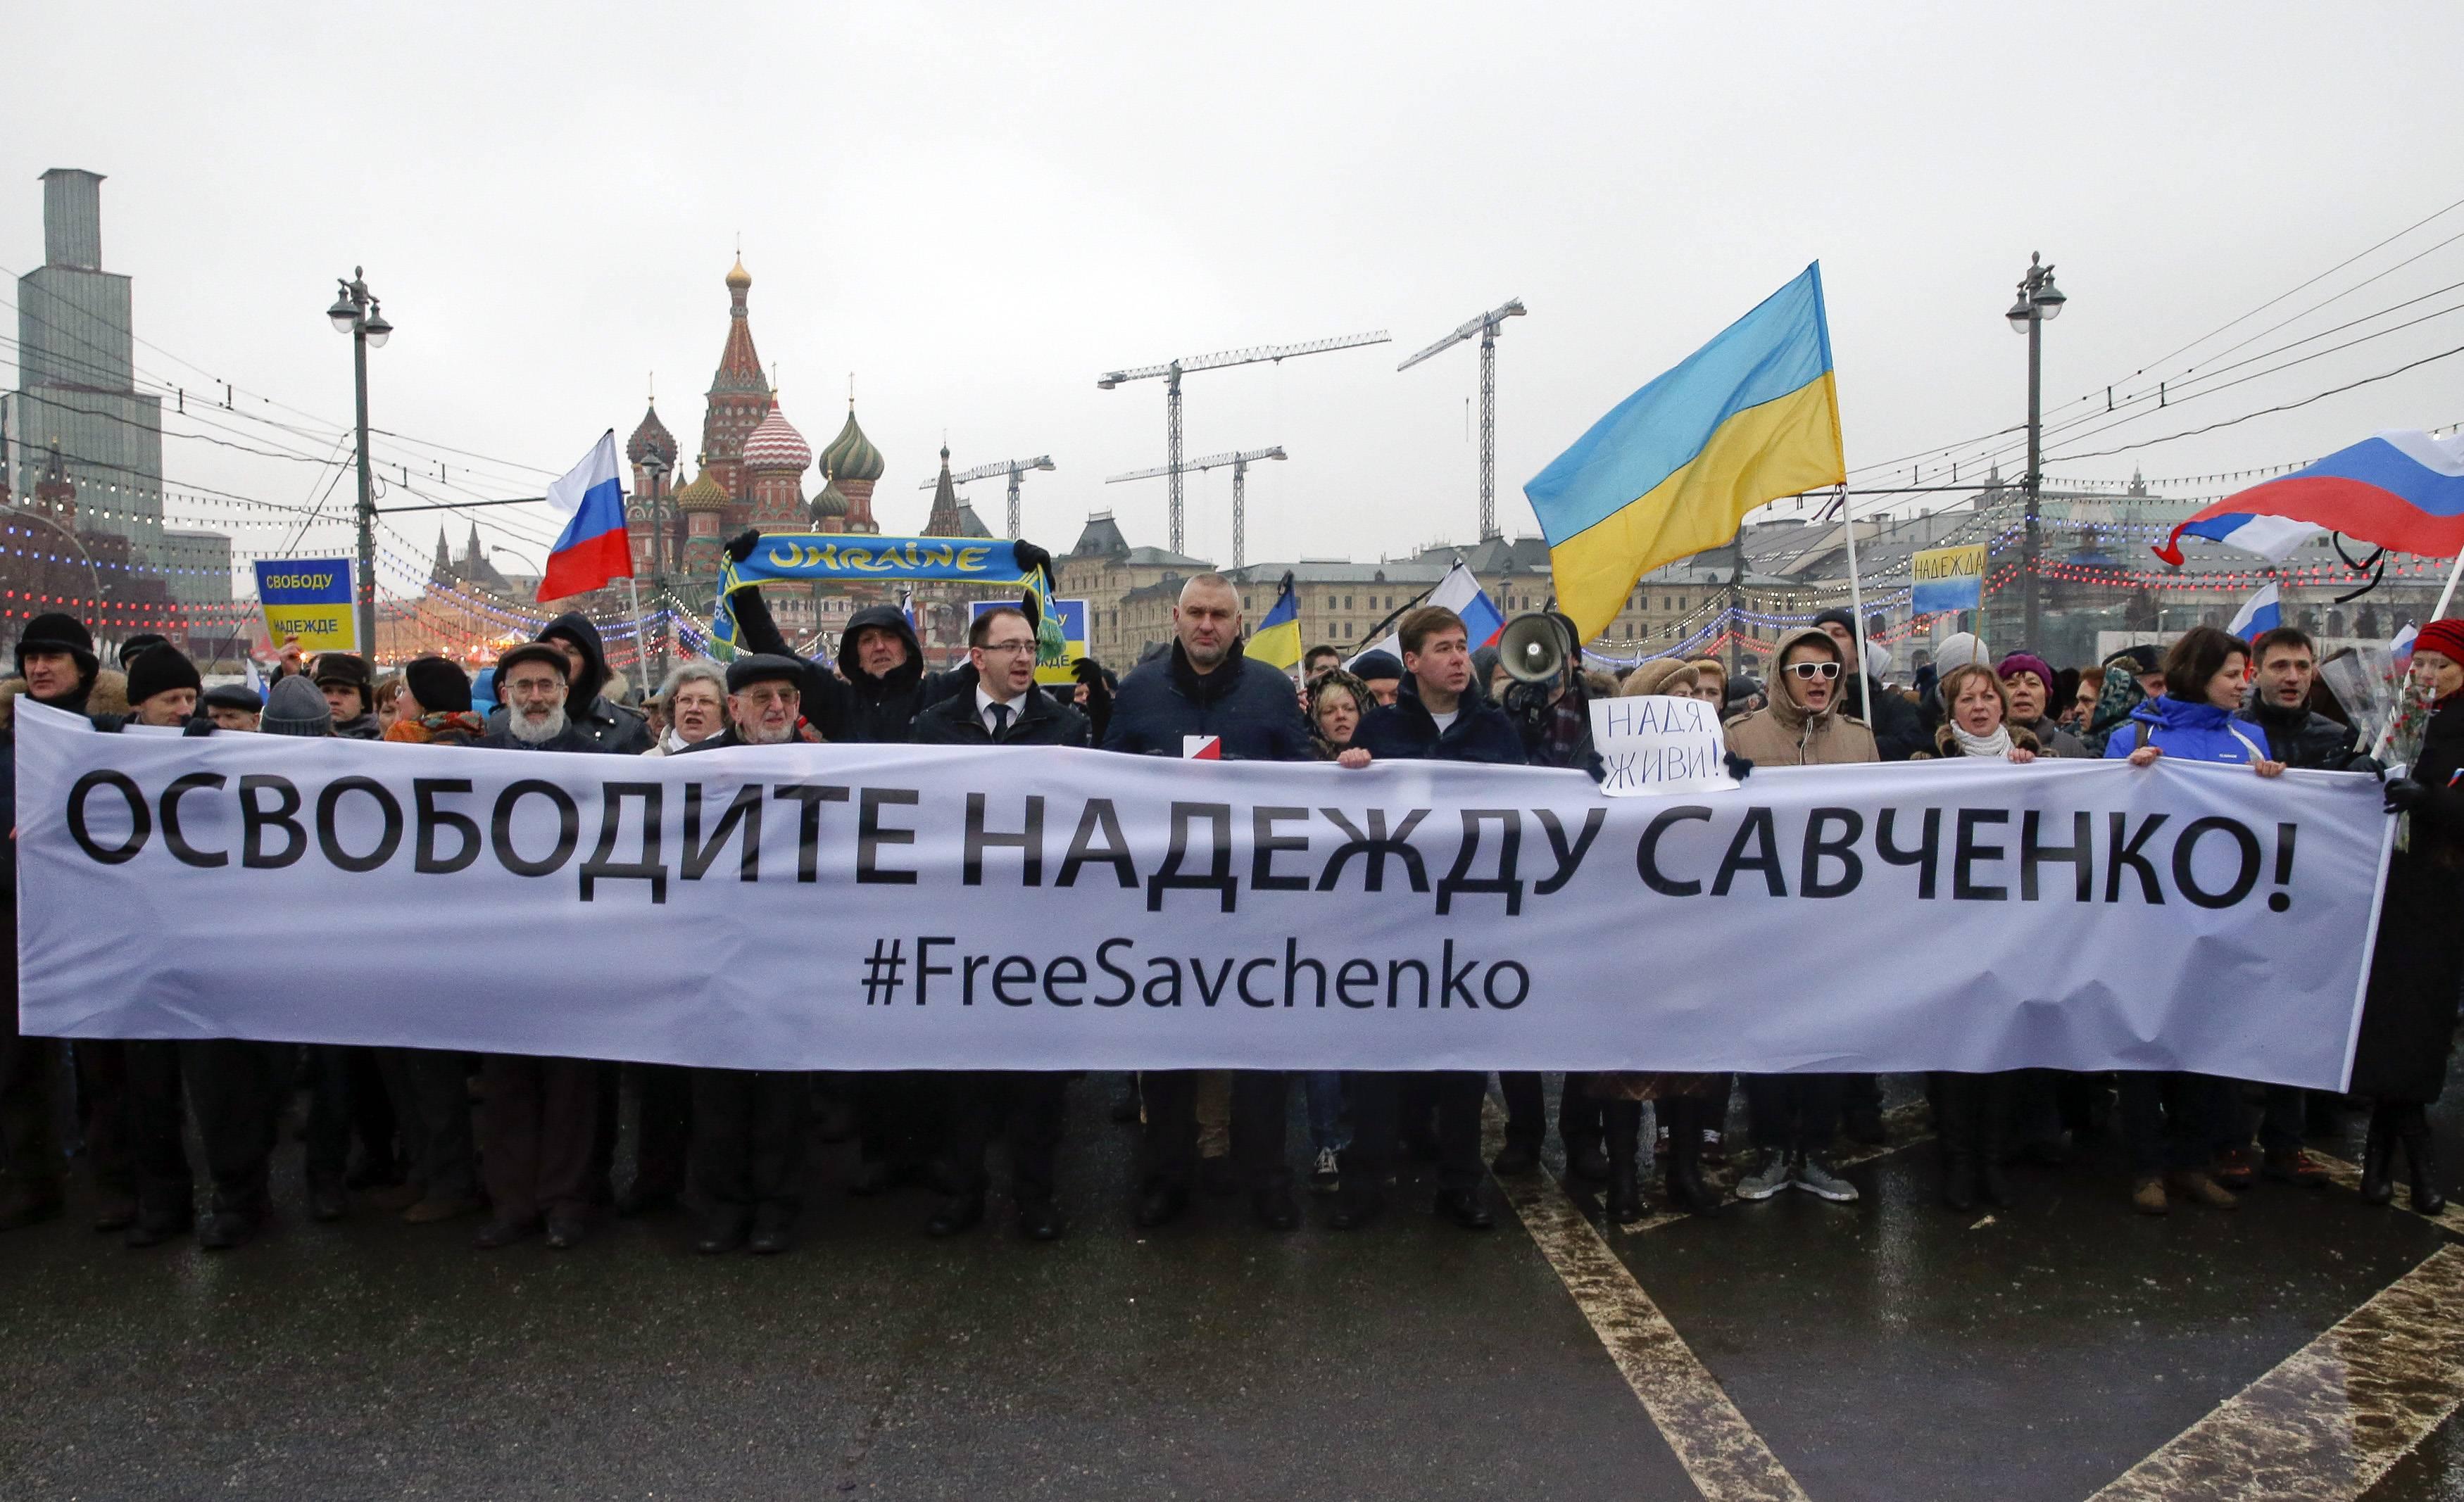 Колонна в поддержку Надежды Савченко